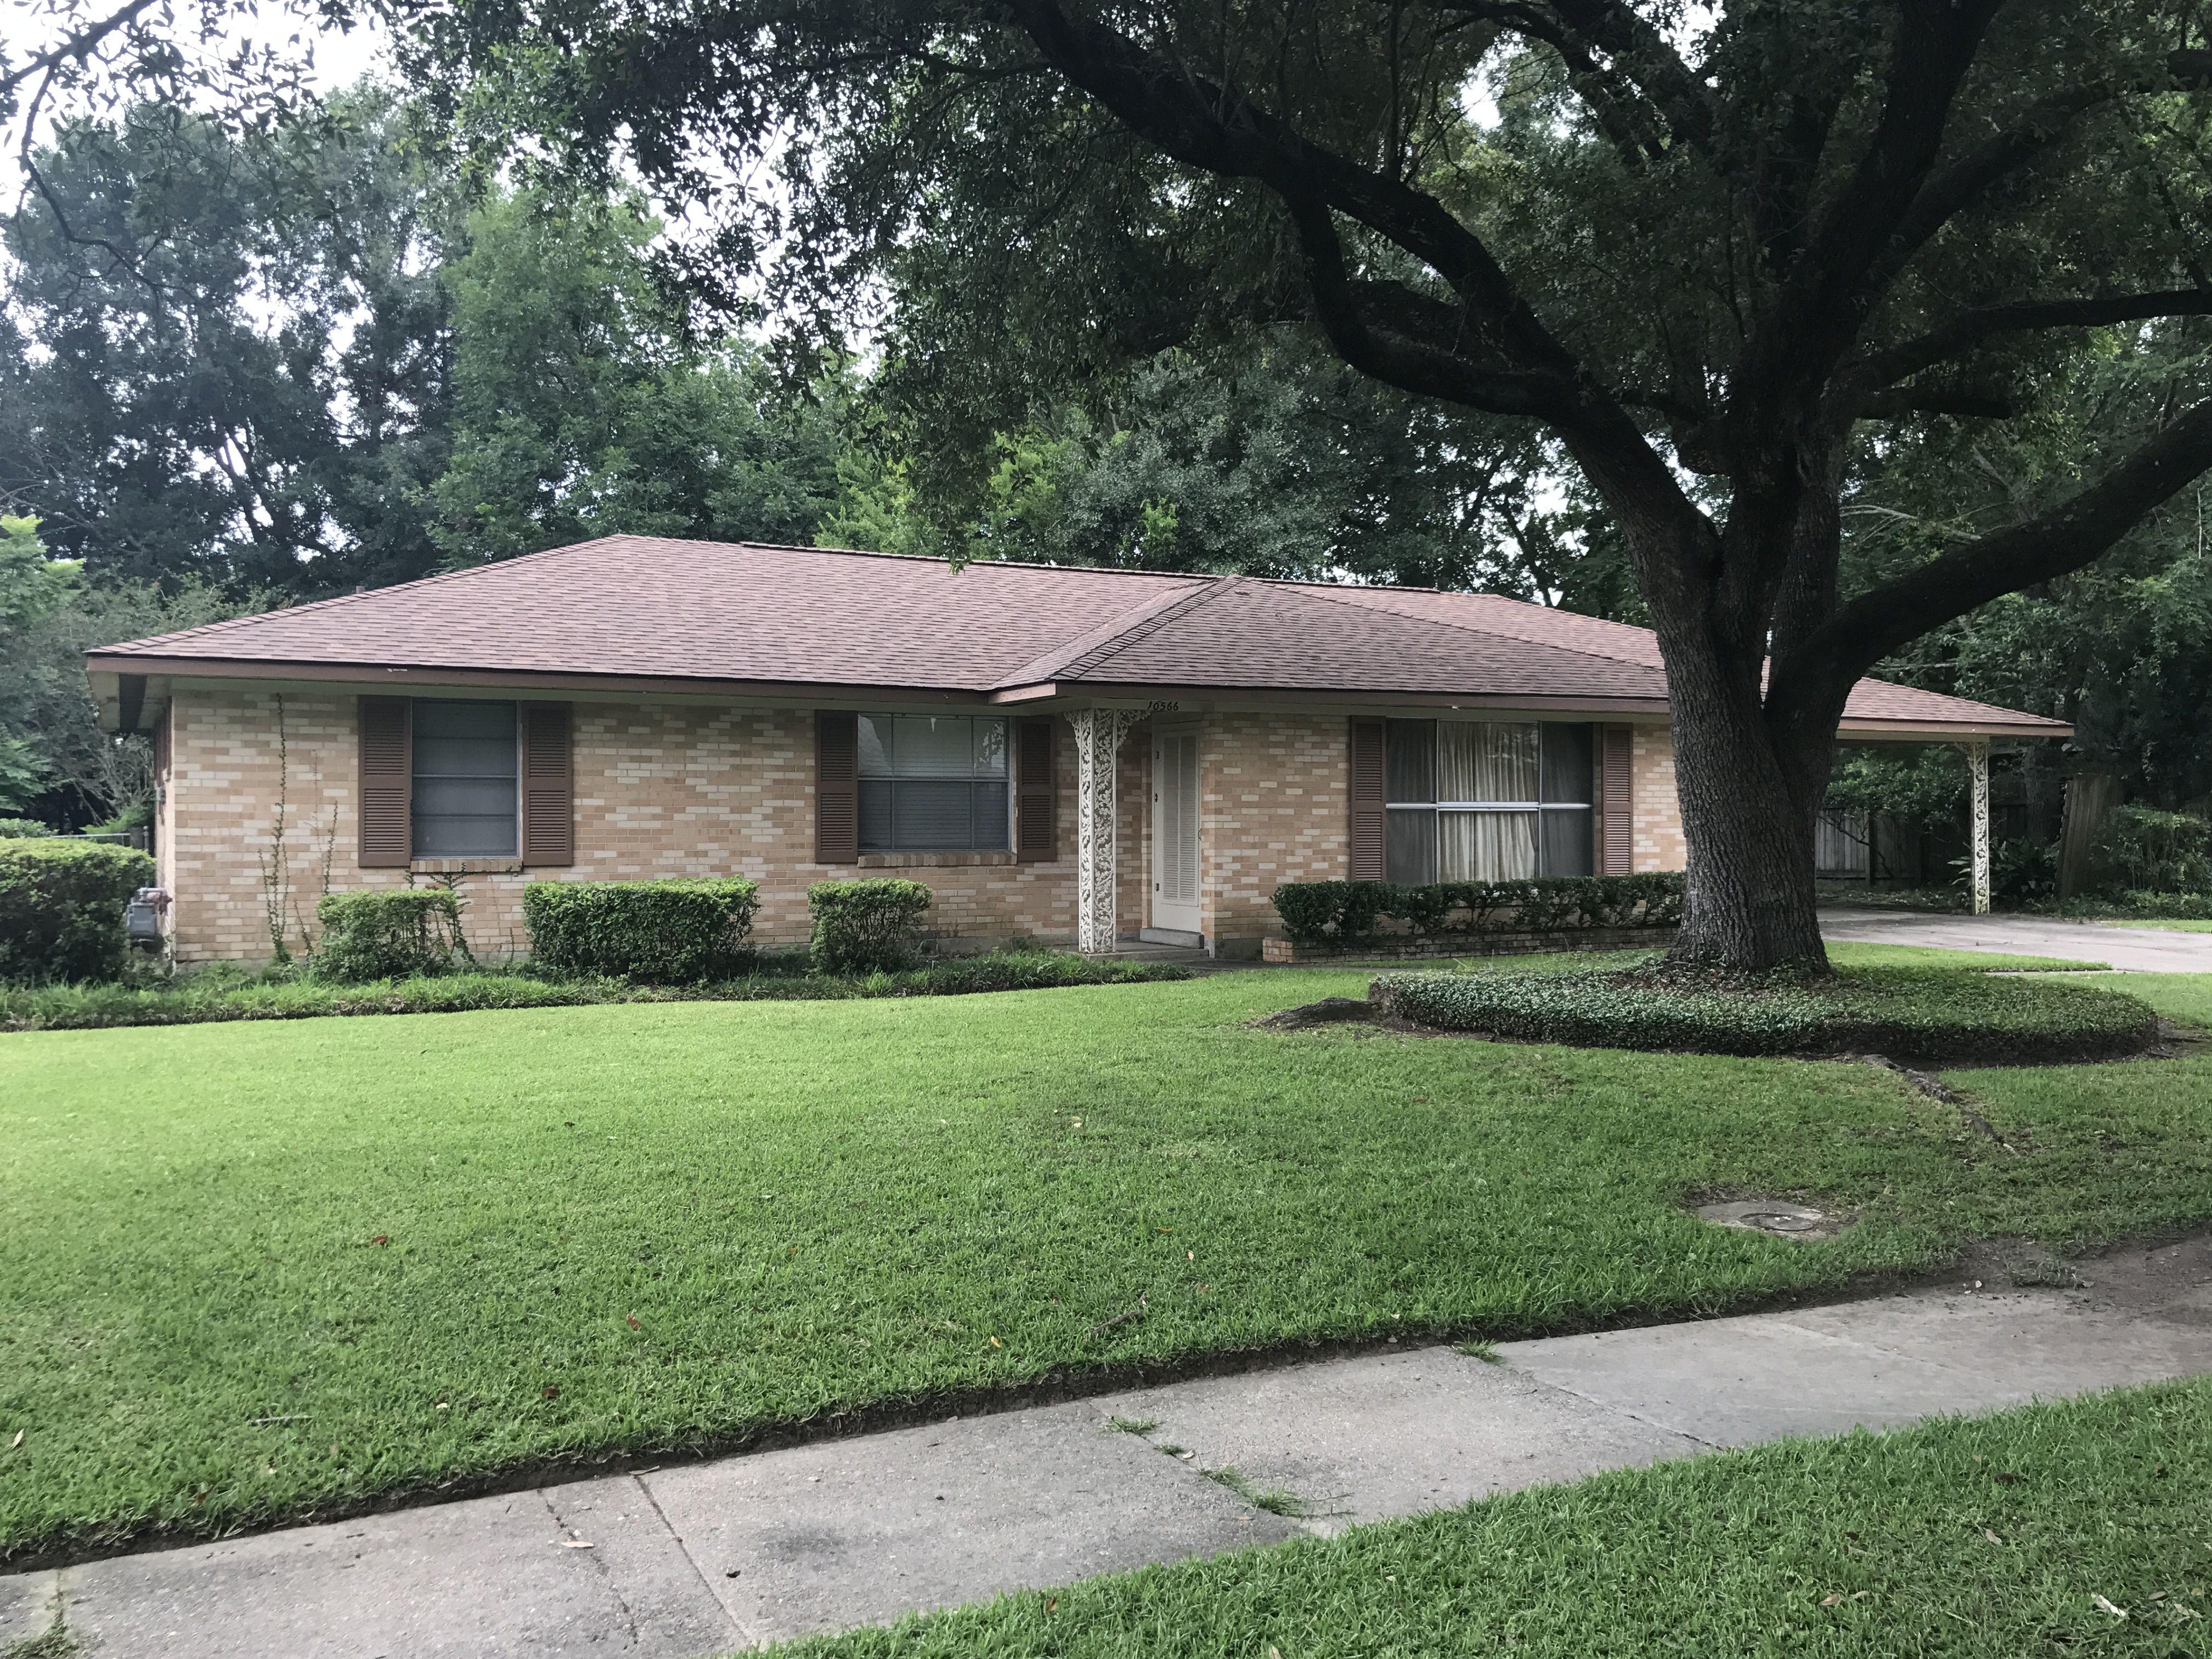 Best Aged Cedar Owens Corning Oakridge Shingles In Baton Rouge 400 x 300